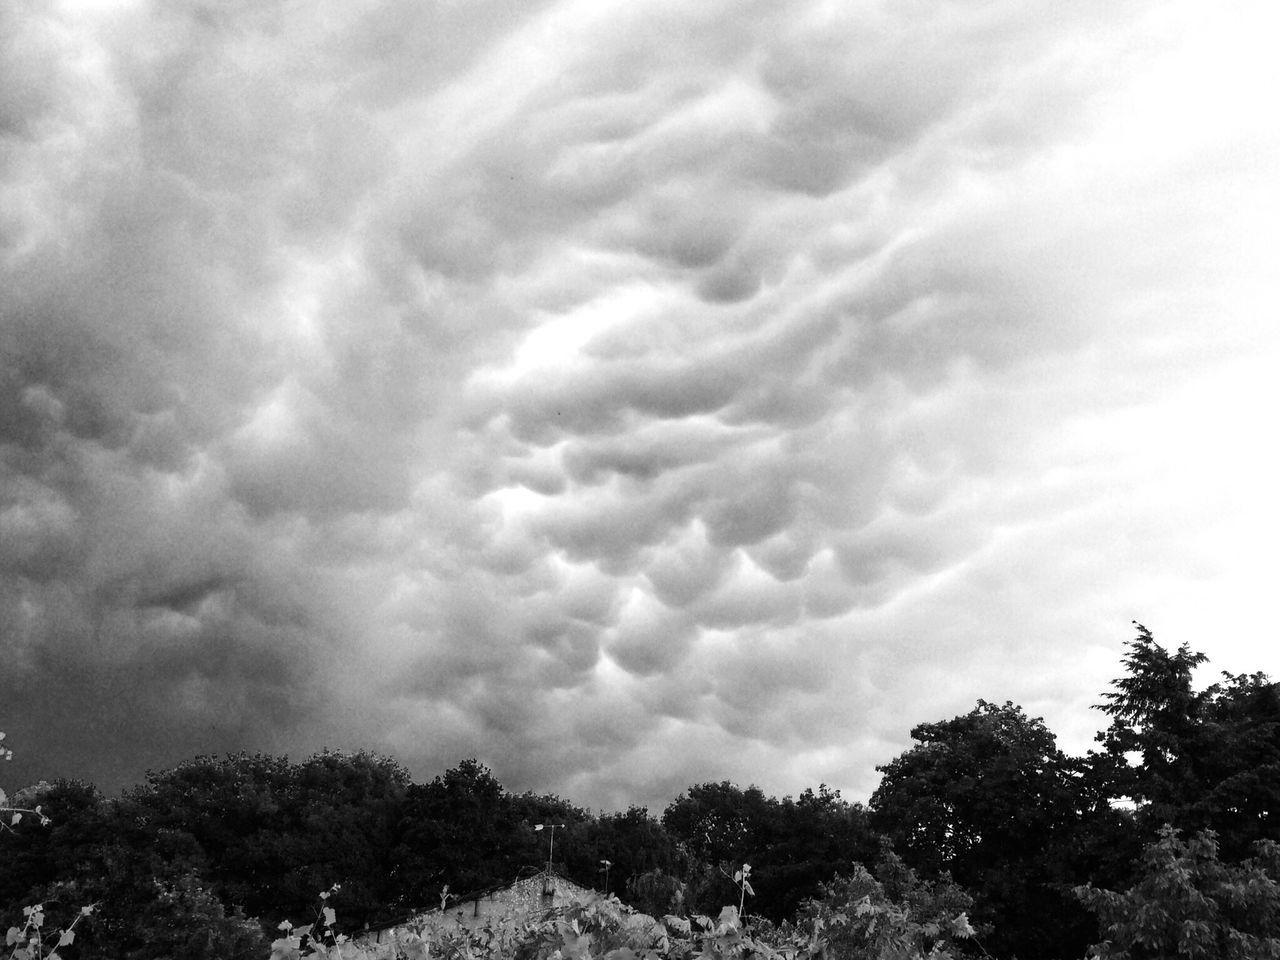 Lightning Thunder Clouds strange bulbs